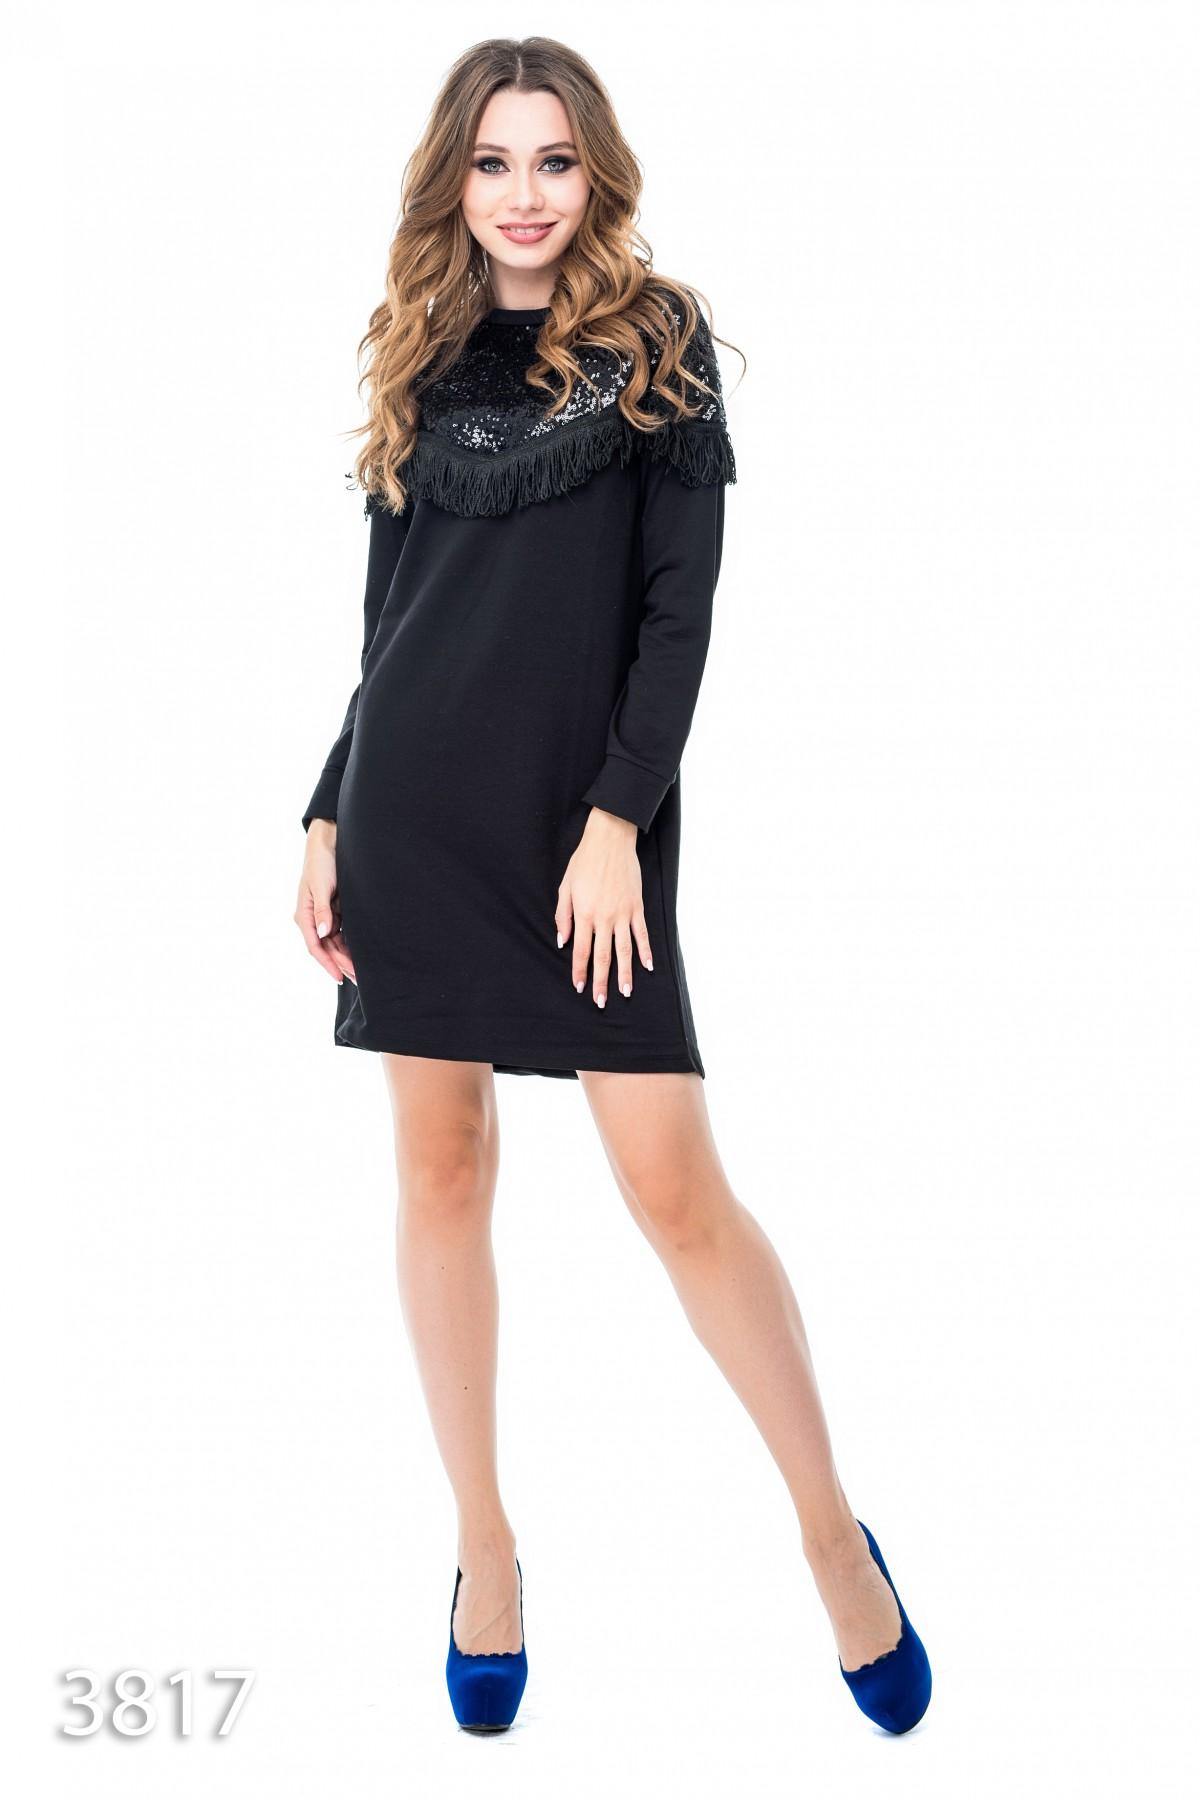 c771ee3fc78 Черное платье выше колен с верхом в пайетках и бахромой  516 грн. фото 2 ...